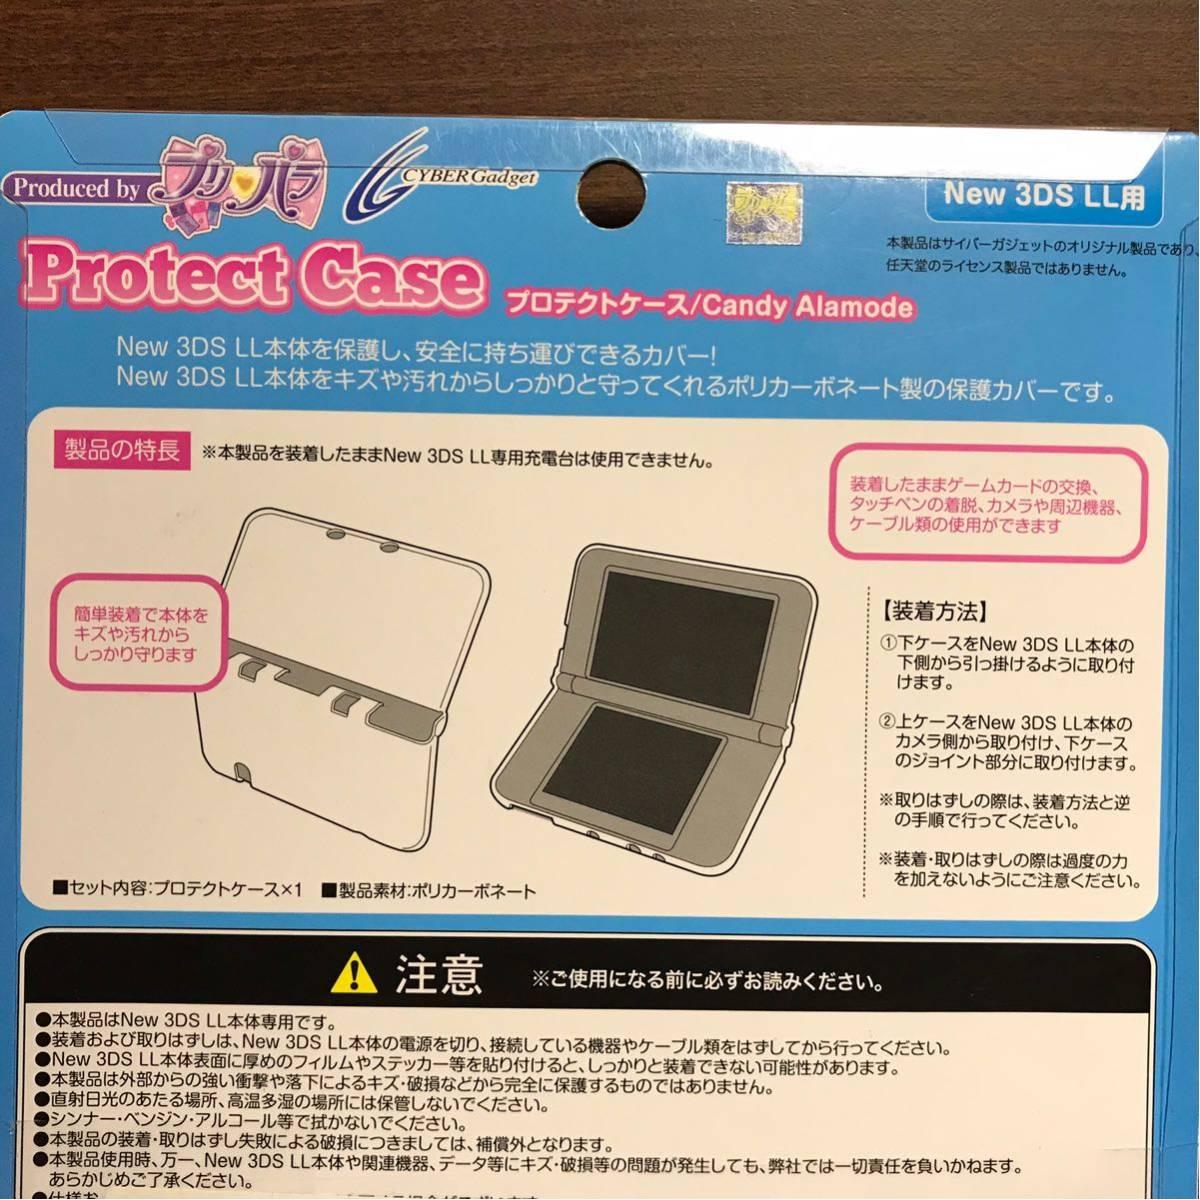 プリパラ プロテクトケース New 3DSLL ニンテンドー 高品質 任天堂 ブルー 軽量 ポリーボネート